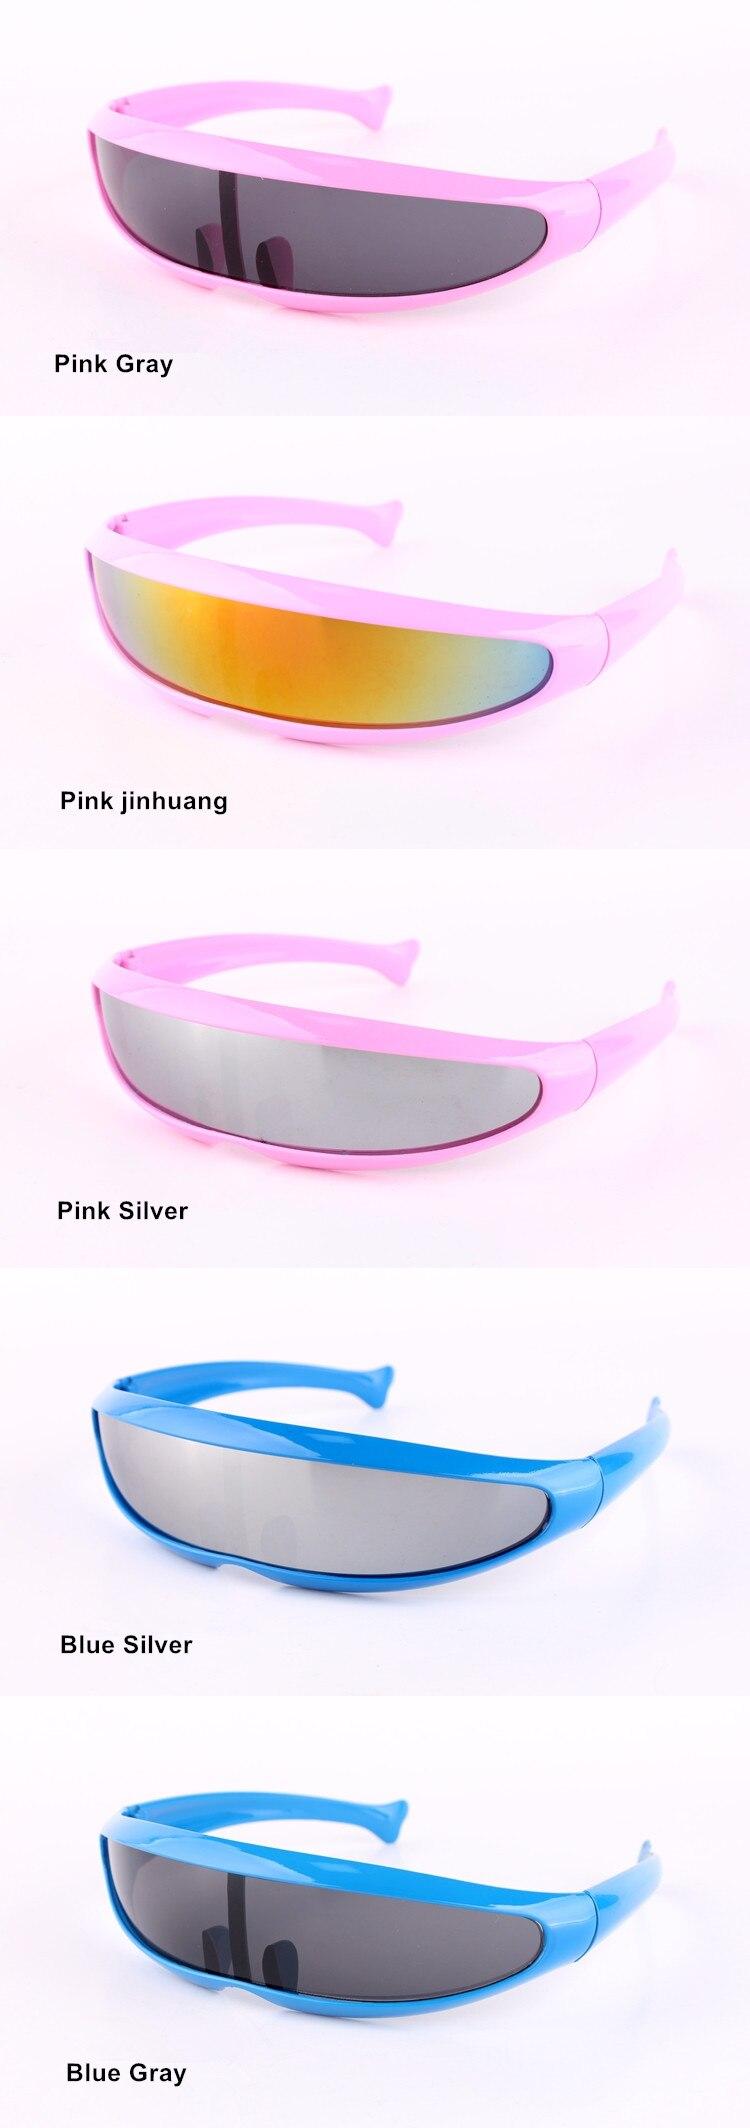 HTB1HMgjPVXXXXc XXXXq6xXFXXXq - Women's Men's Sunglasses X-Mens Sunglass Robots Laser Glasses Sun Glasses Safety Goggles